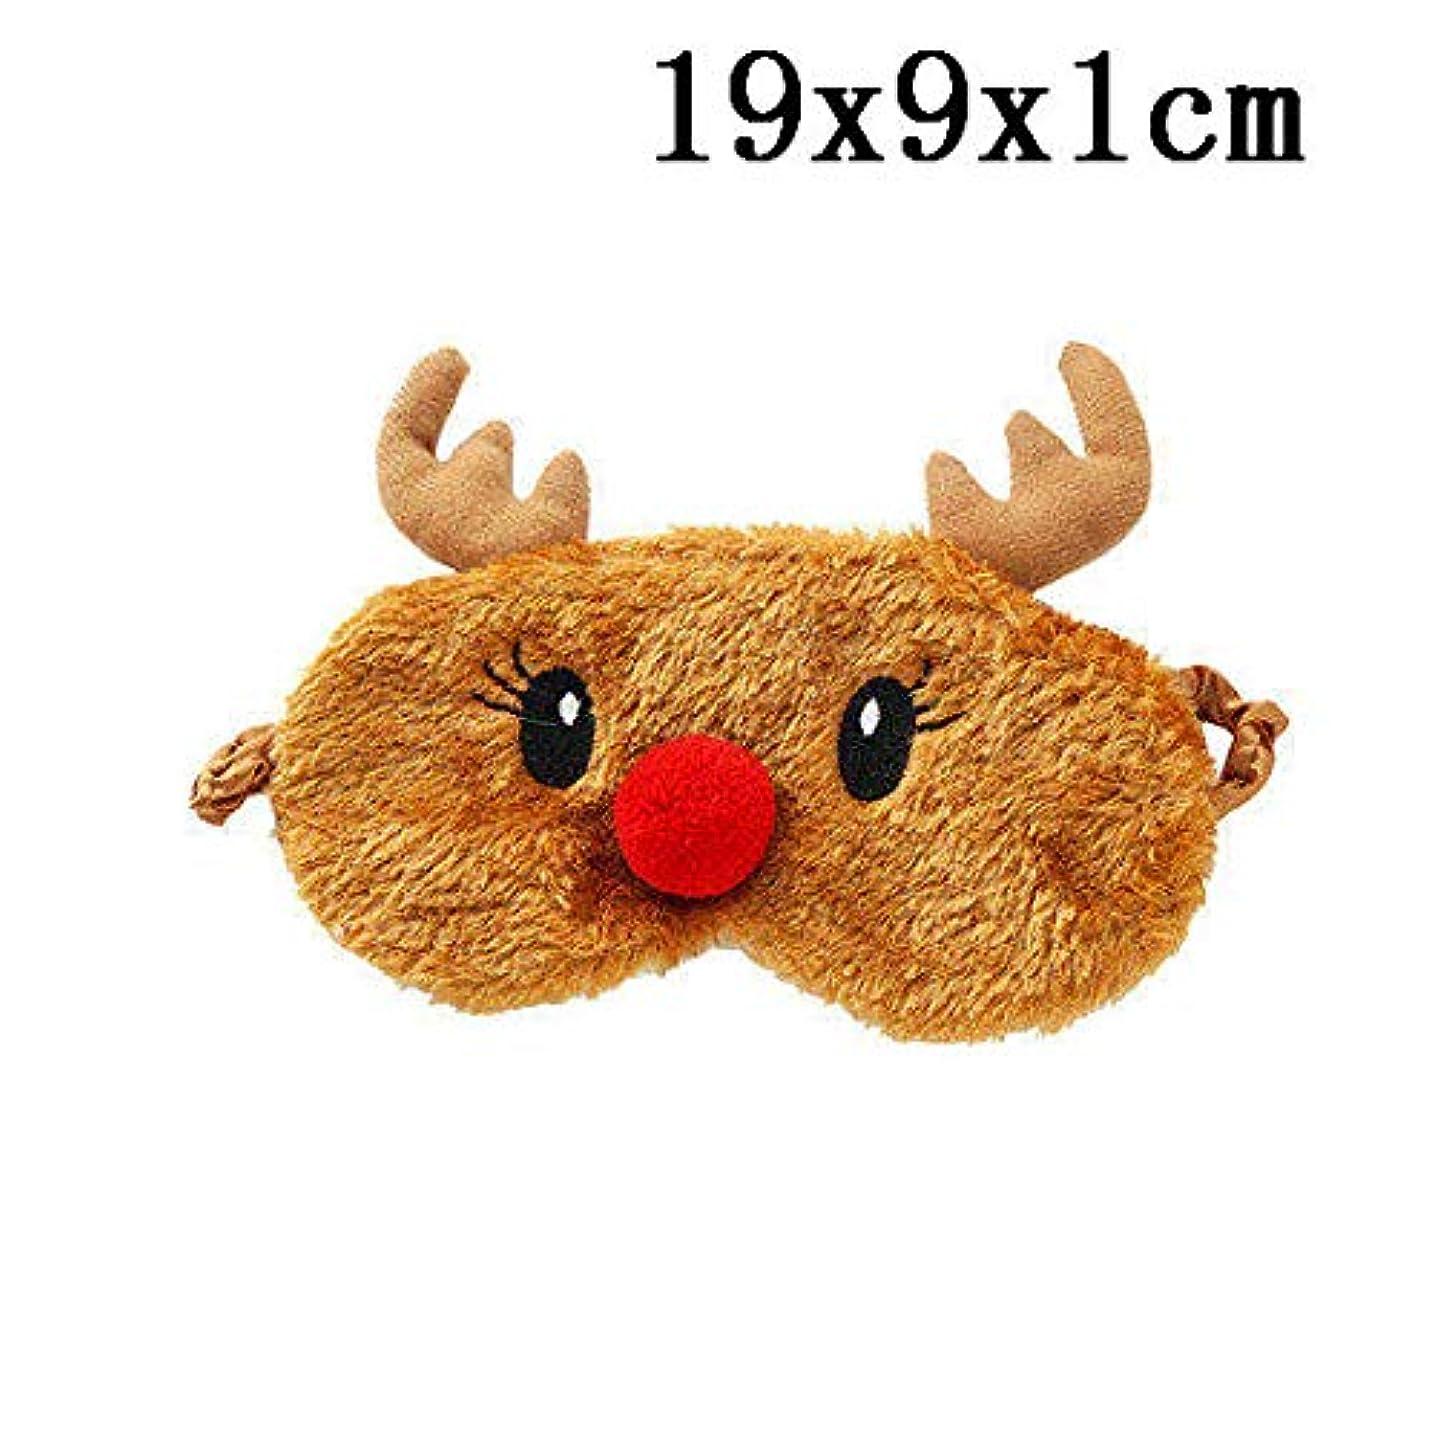 ノベルティアイザック麦芽NOTE かわいいアイスクリームユニコーンソフトスリーピングアイカバーマスククリスマス鹿かわいい動物ぬいぐるみ生地用ホーム旅行